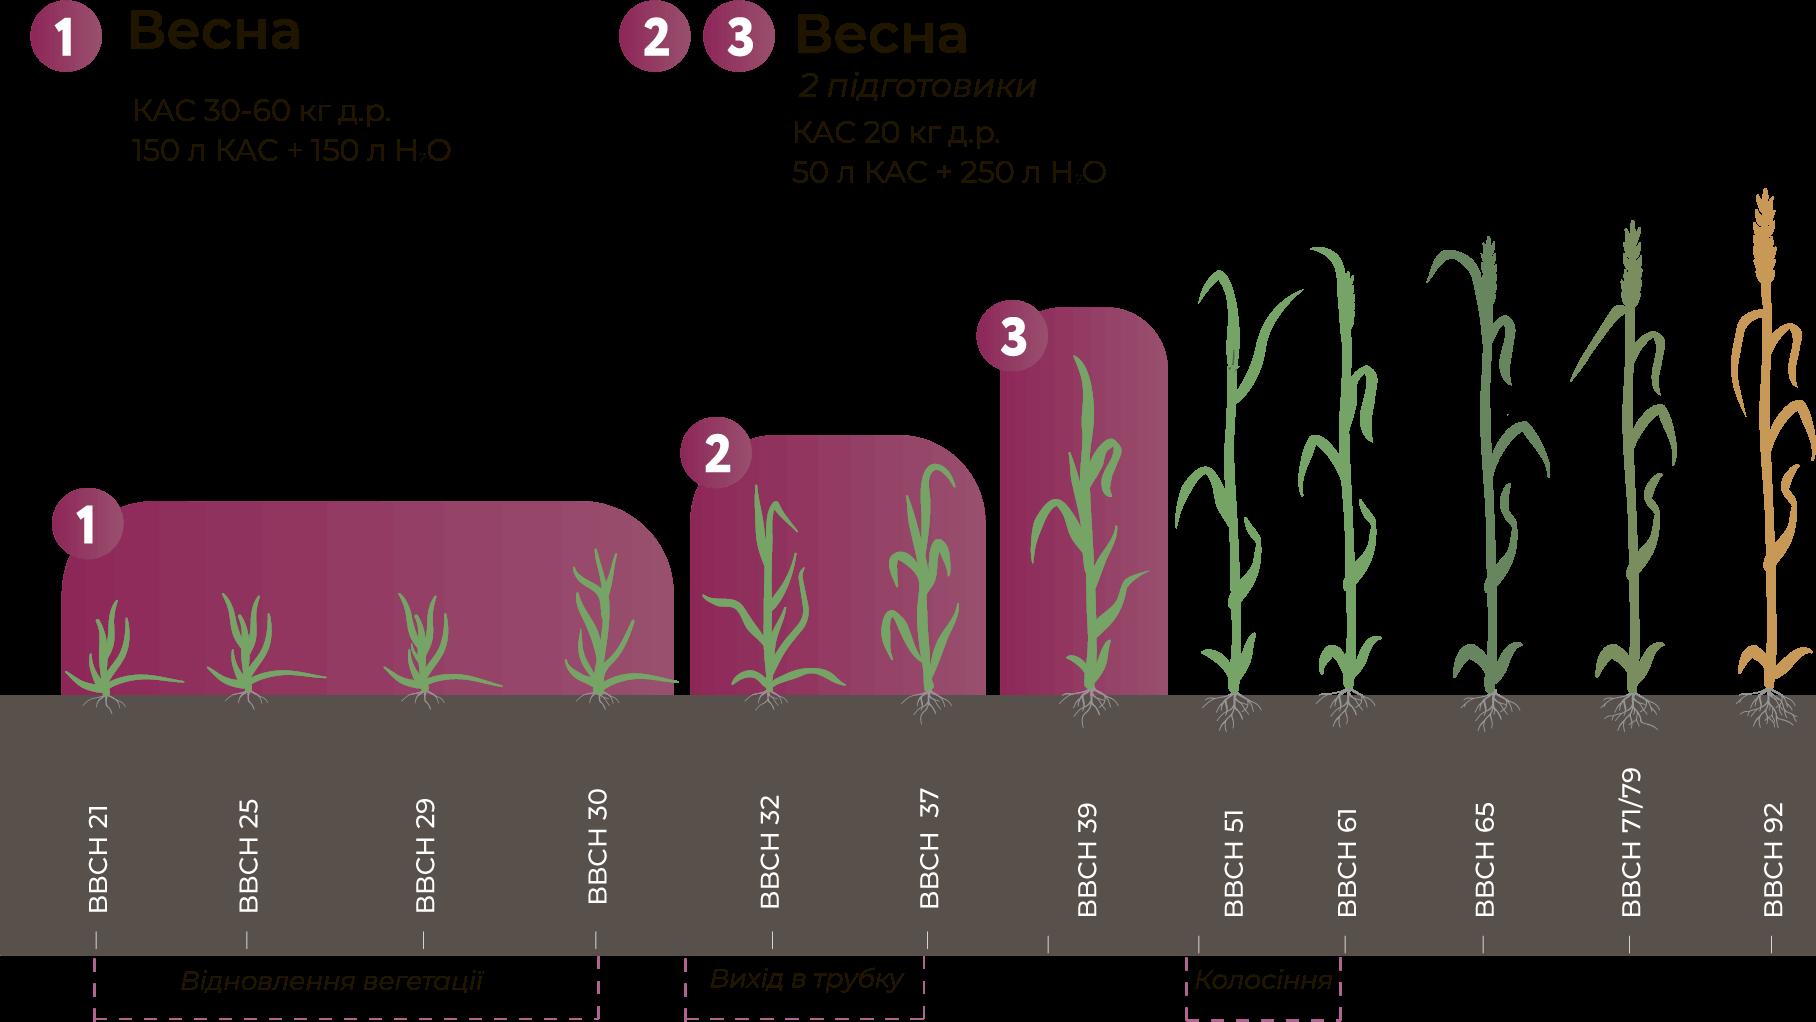 Норми внесення КАС при вирощуванні озимої пшениці, Нормы внесения КАС при выращивании озимой пшеницы